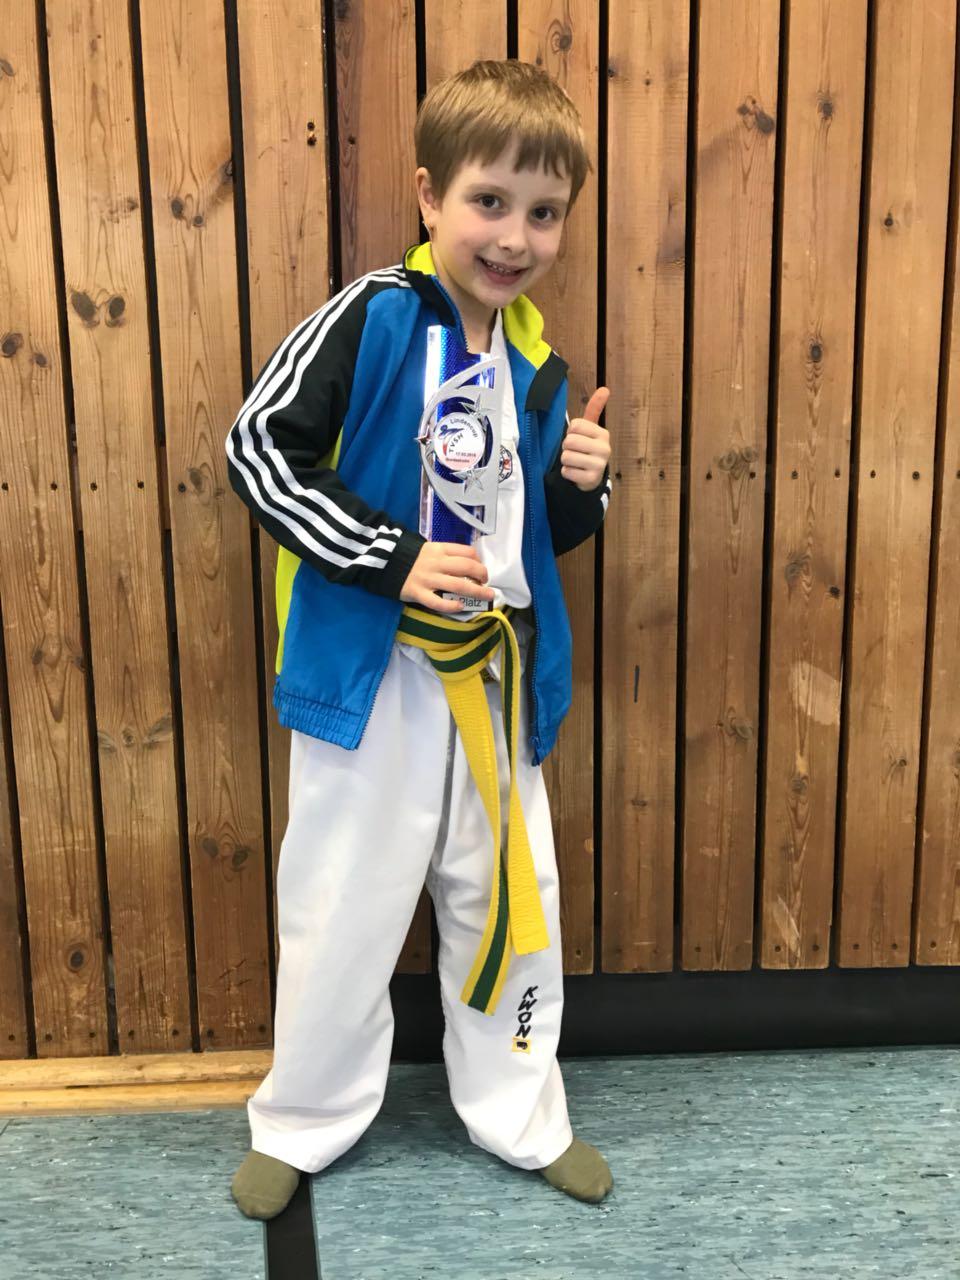 Erster Platz für Taekwondo-Nachwuchs des SVE